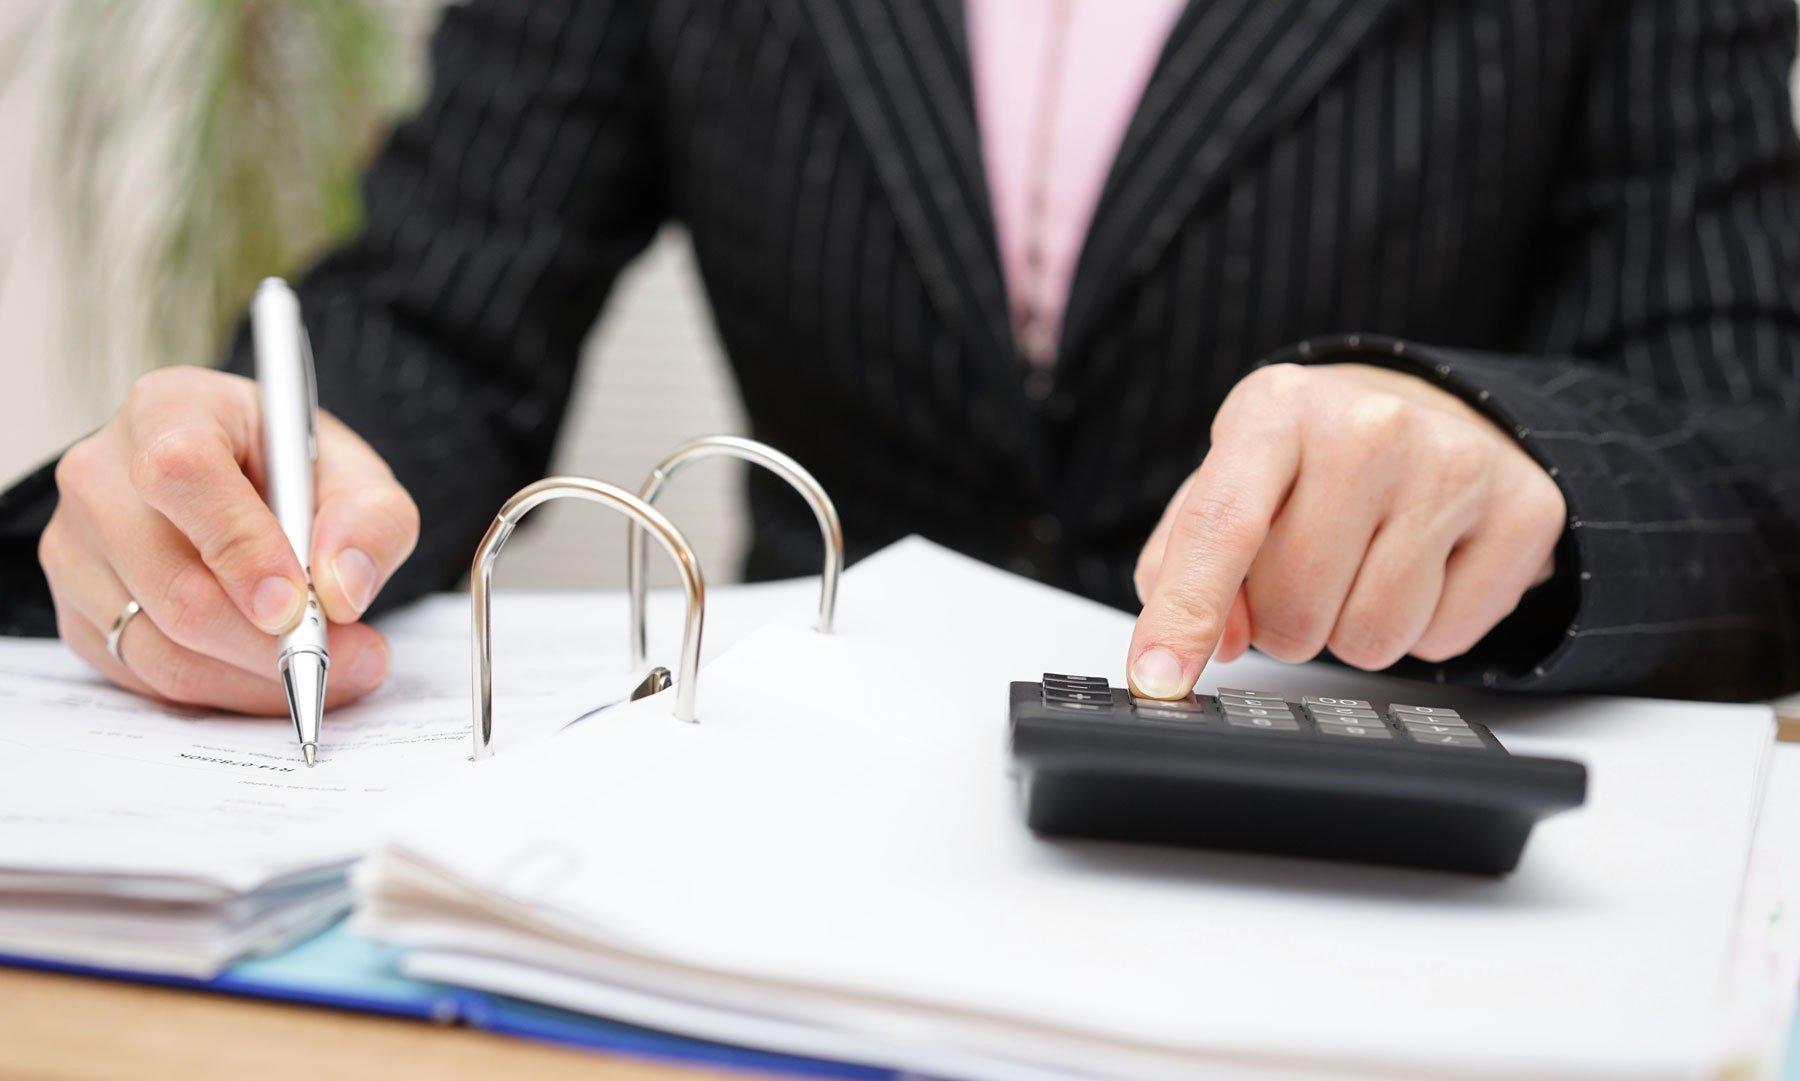 una donna alla scrivania con una penna in mano che scrive in un foglio dentro a un raccoglitore e con l'altra mano sta usando una calcolatrice